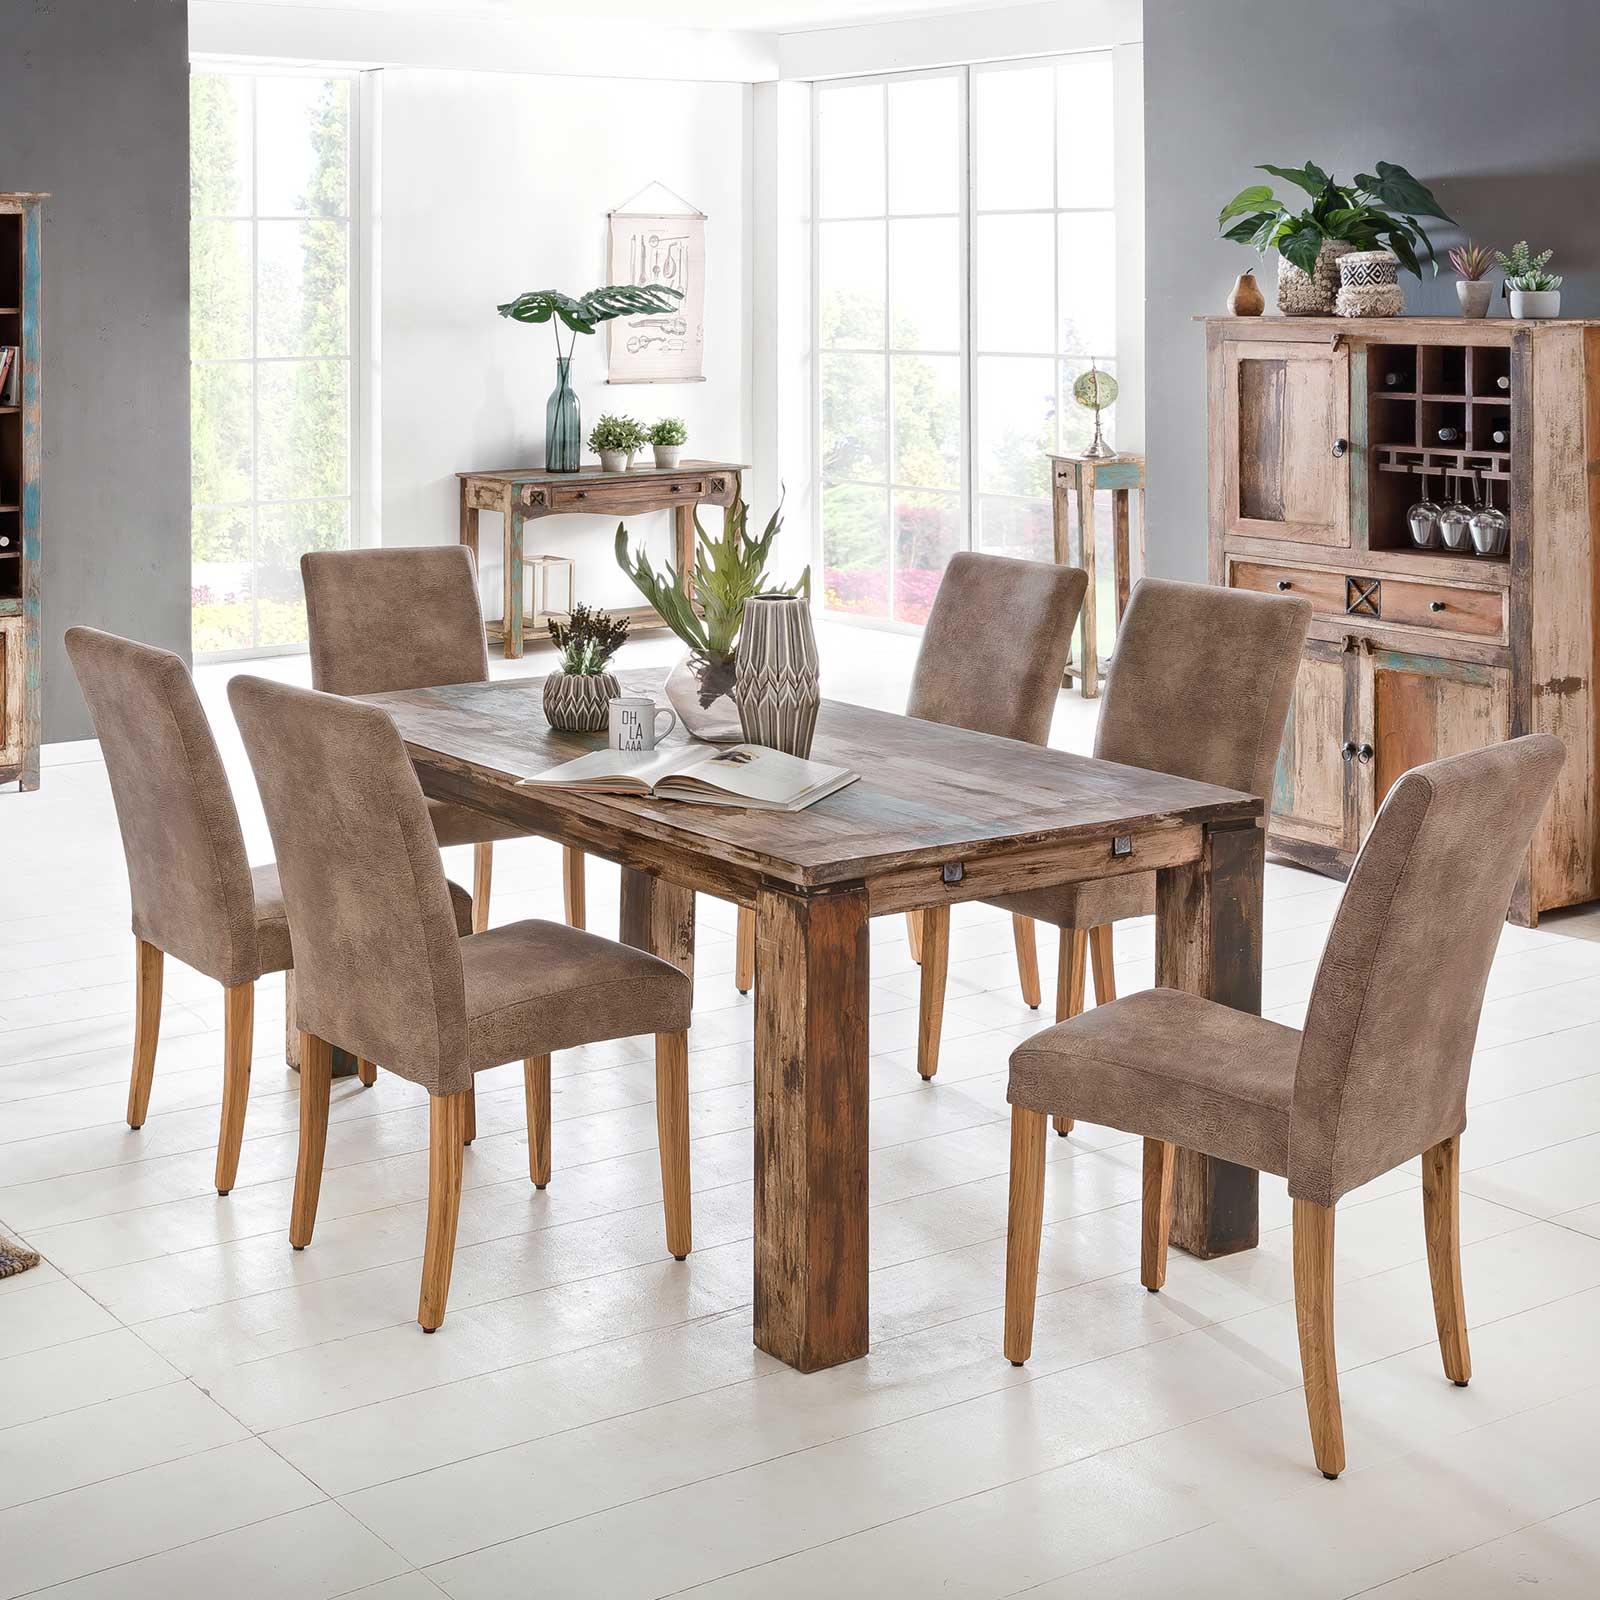 Esstisch largo 140 240 cm aus massivholz im vintage look for Esstisch 140 cm